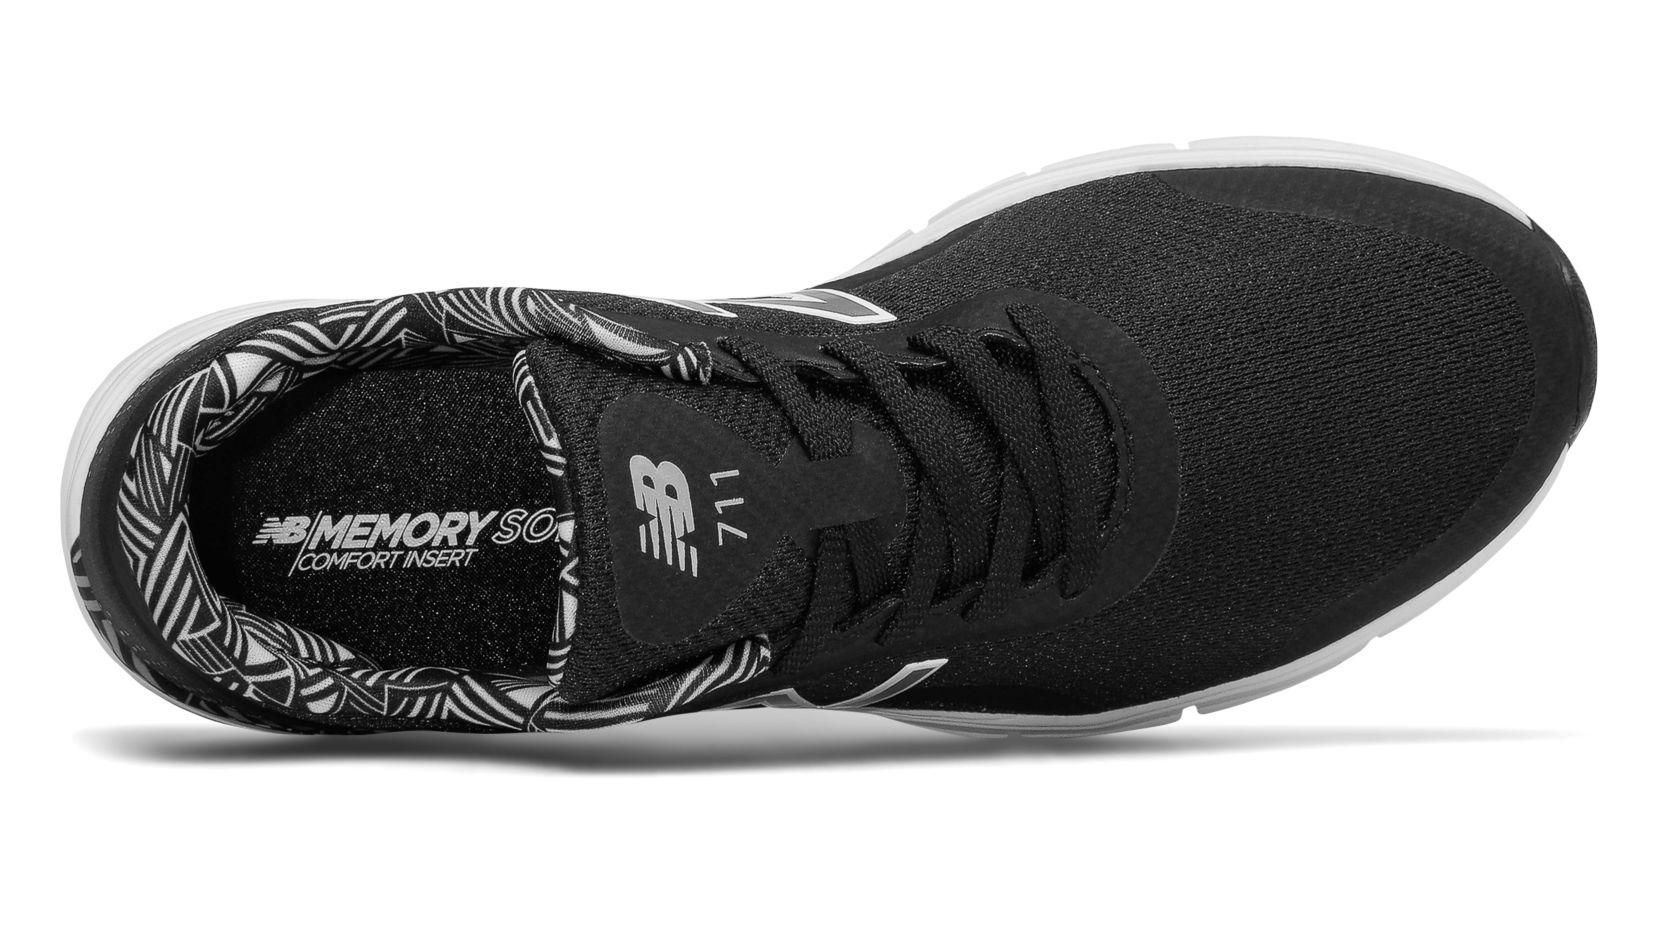 New Balance 711v3 Mesh Trainer, Black with White